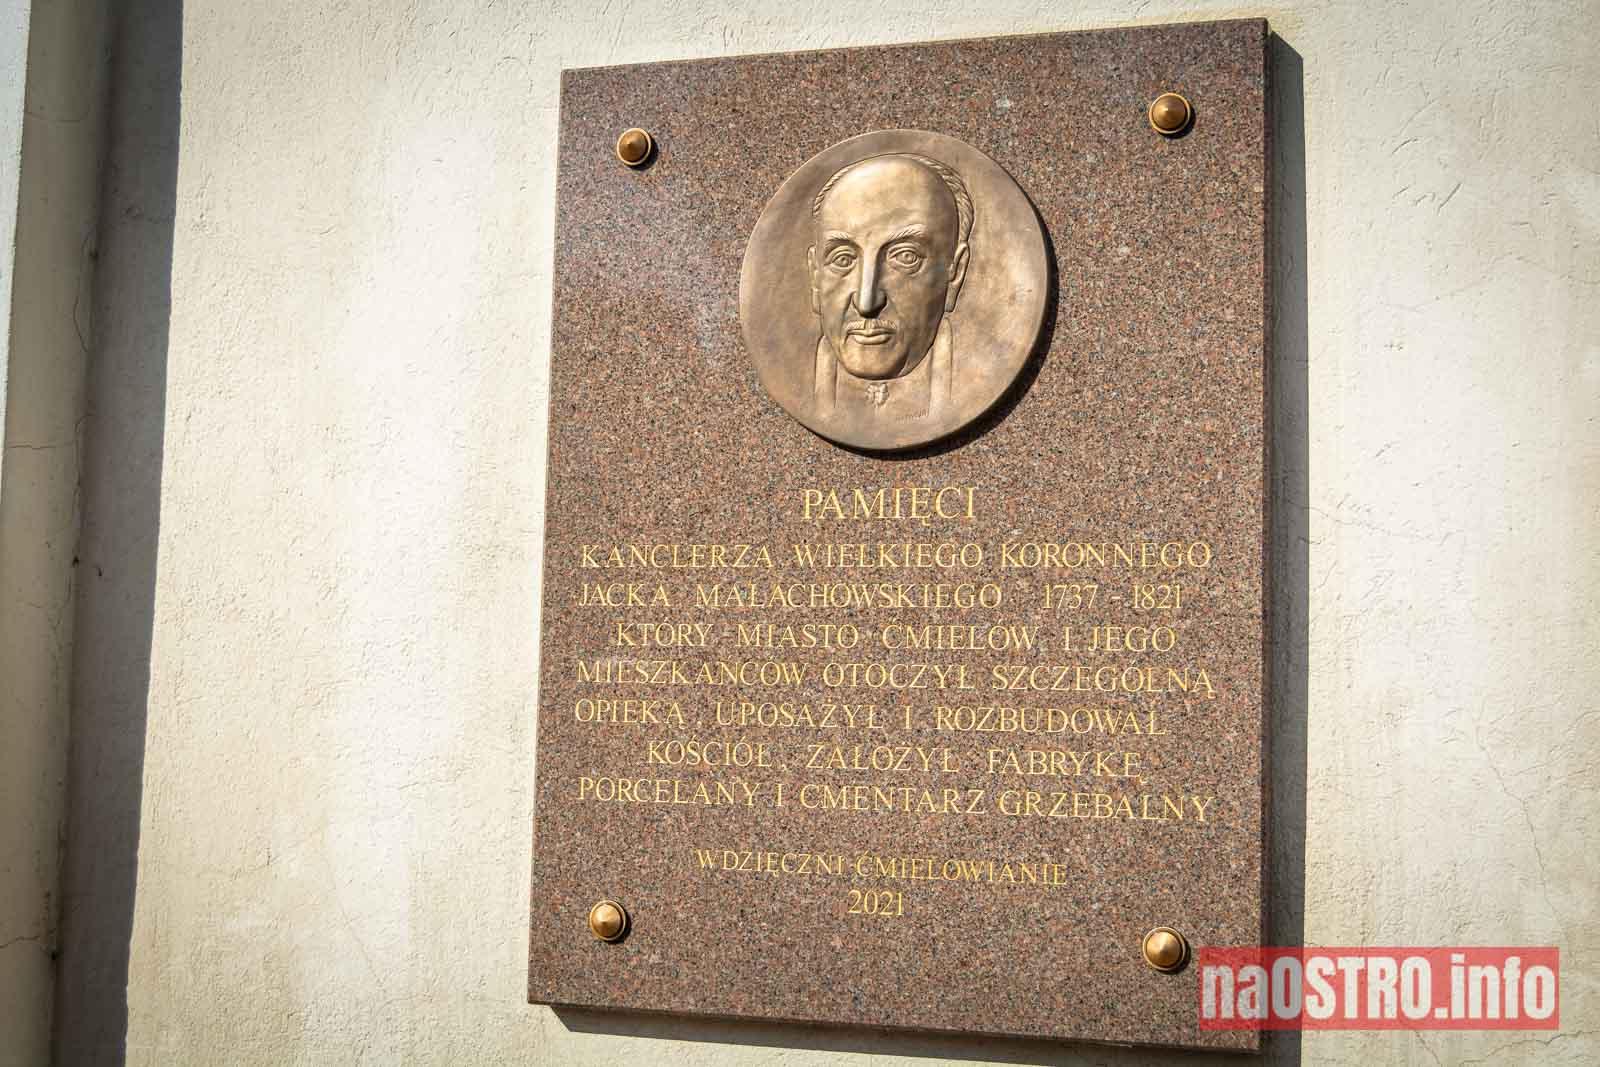 NaOSTROinfo Jacek Małacvhowski tablica Ćmielów-15